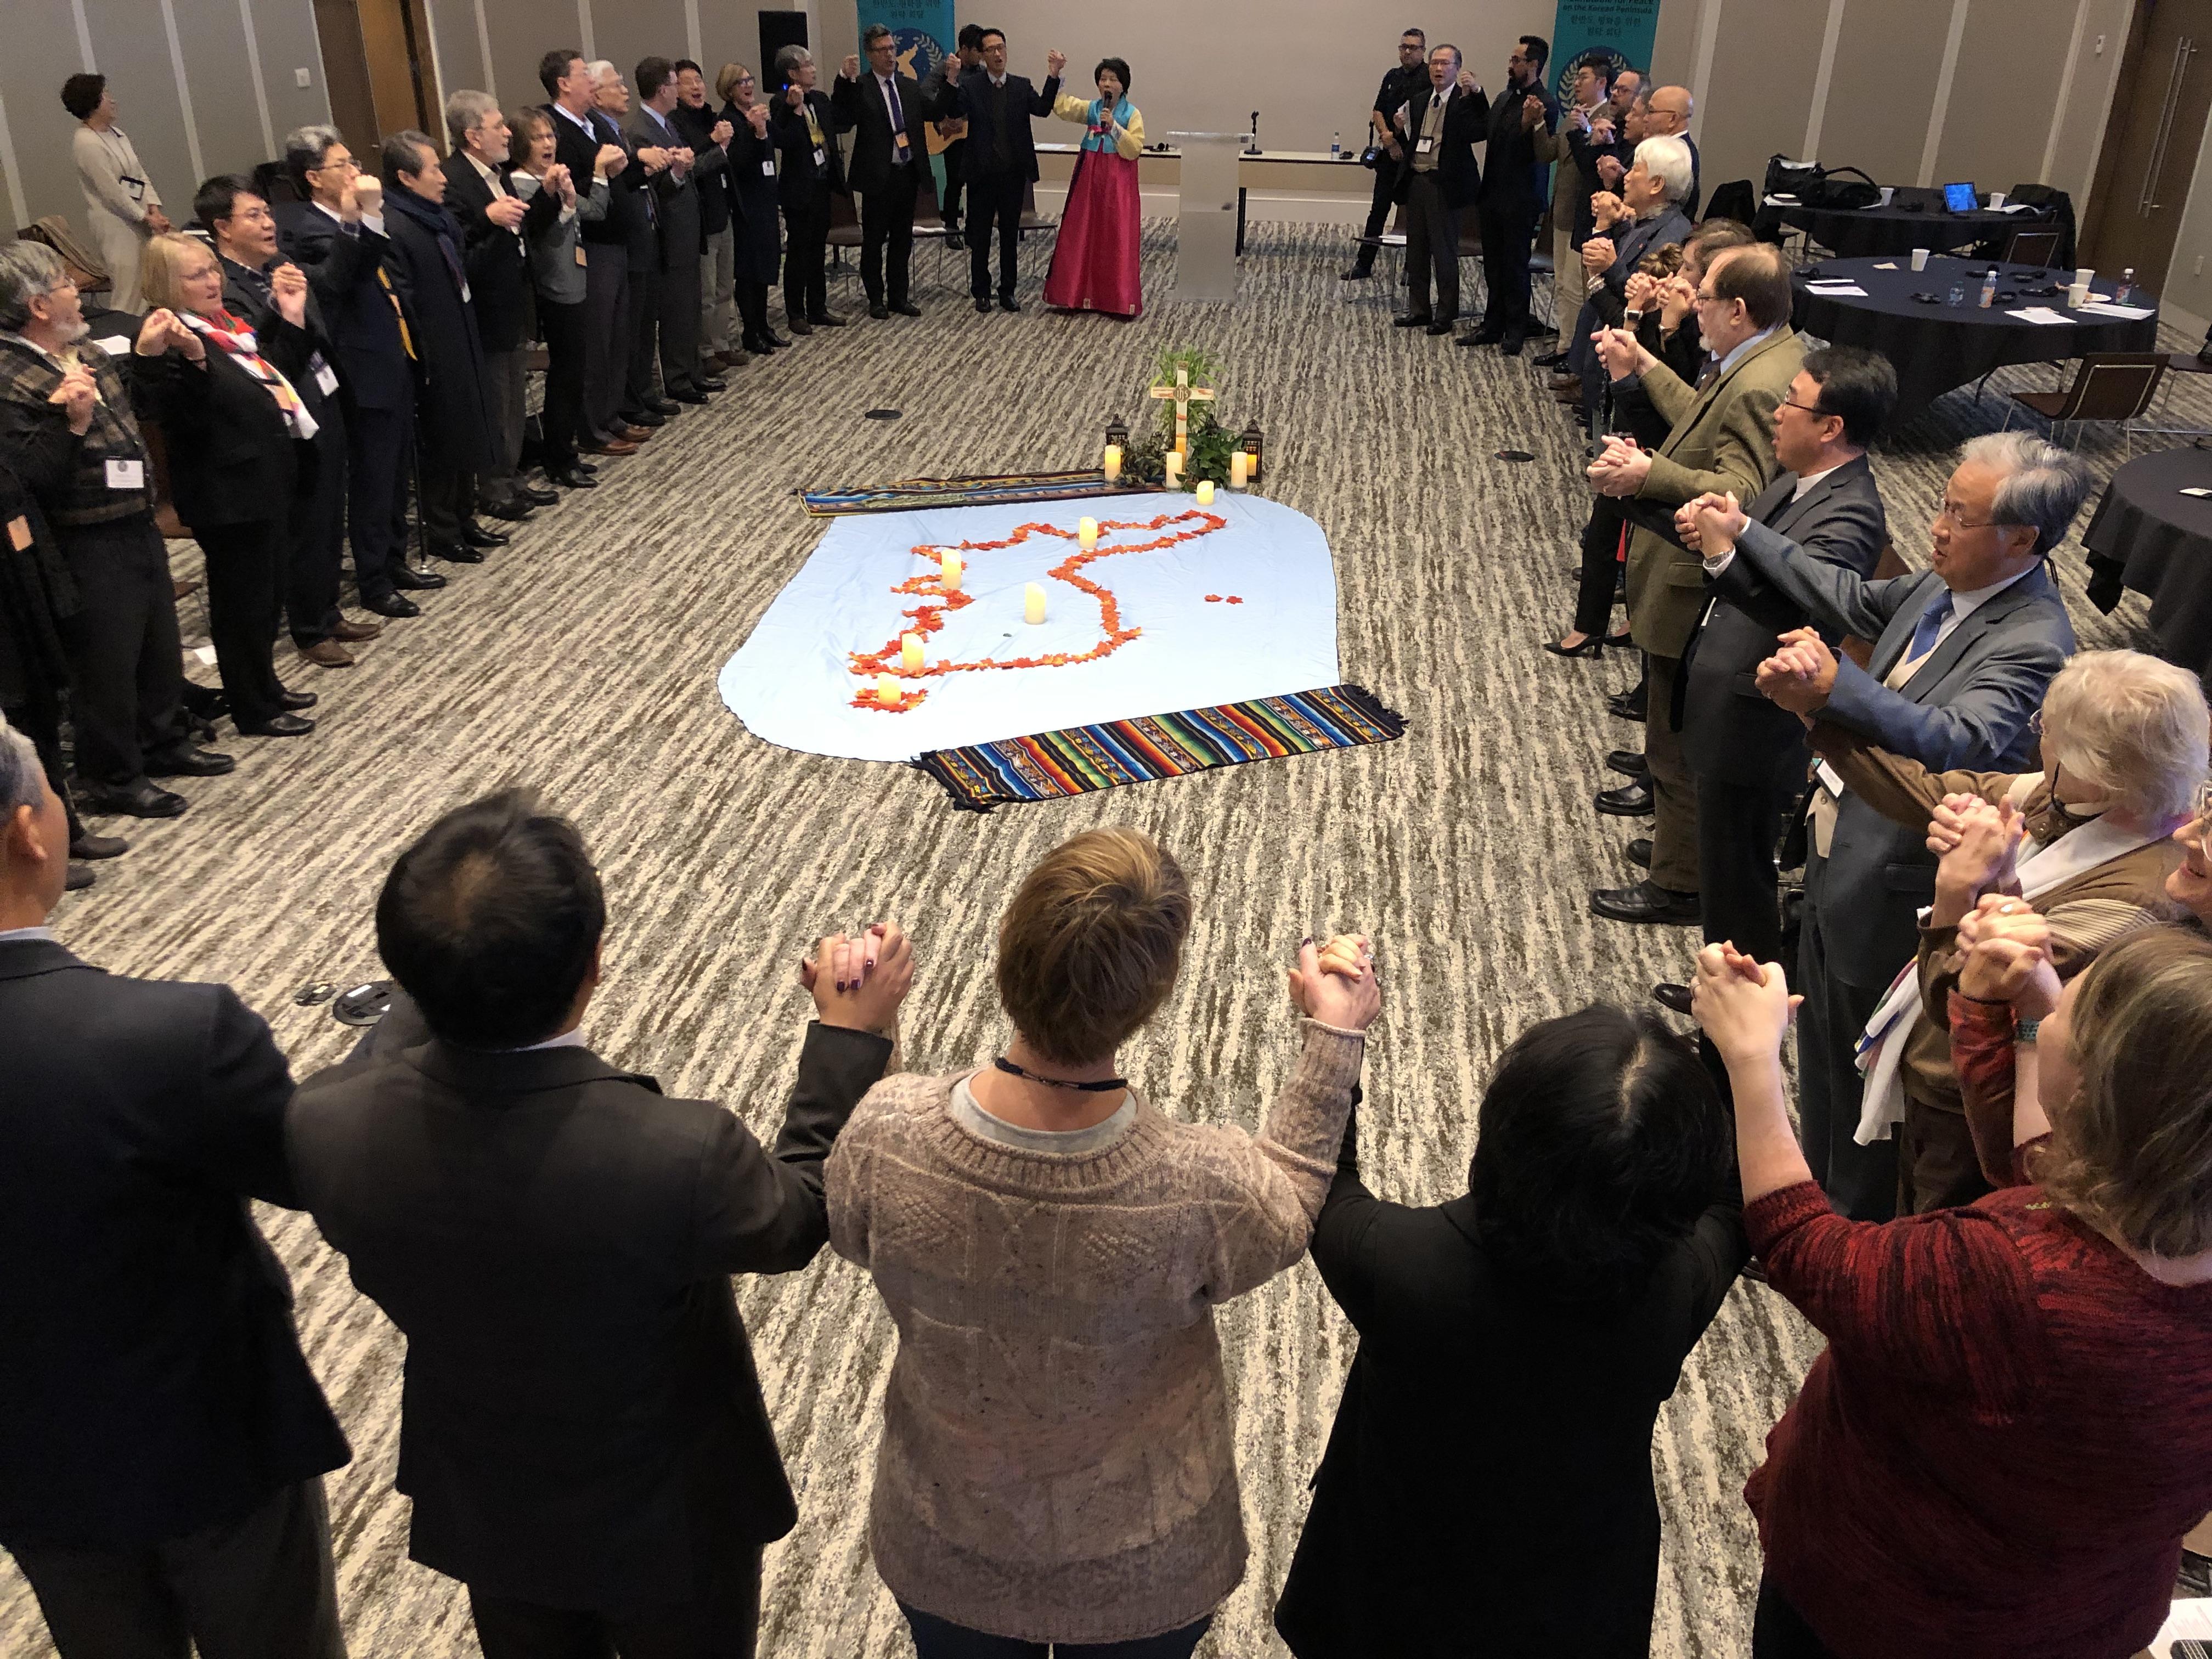 한반도 평화를 위한 원탁 회담에 참석자들이 주일 예배 중 손에 손을 잡고 찬송을 하고 있다. 사진 김응선 목사, UMNS